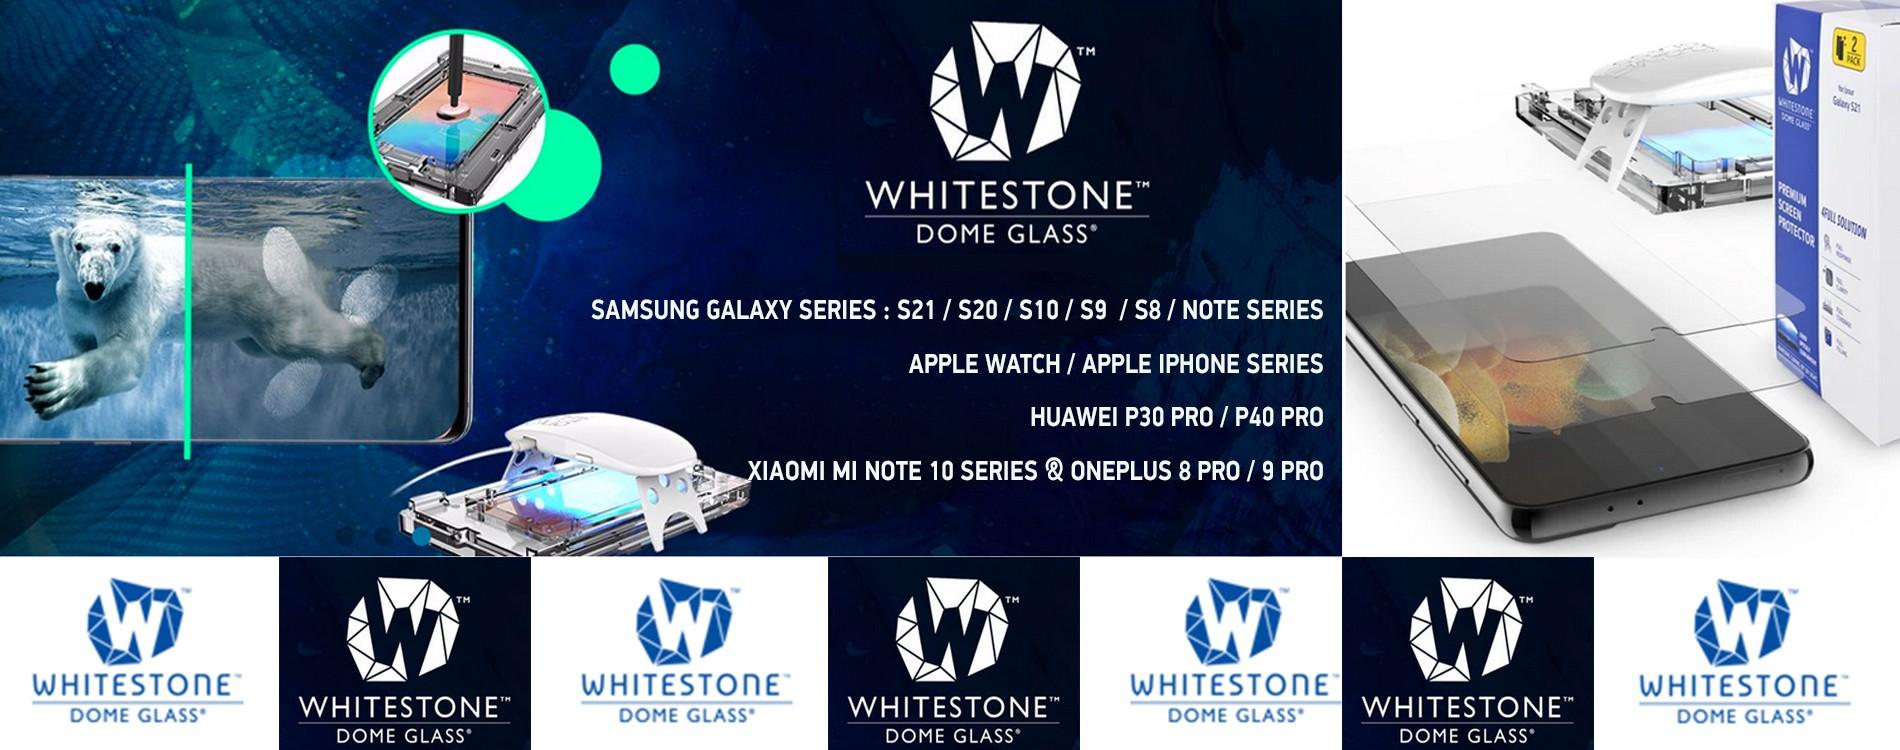 WHITESTONE DOME UV 3D LED GLASS KIT!